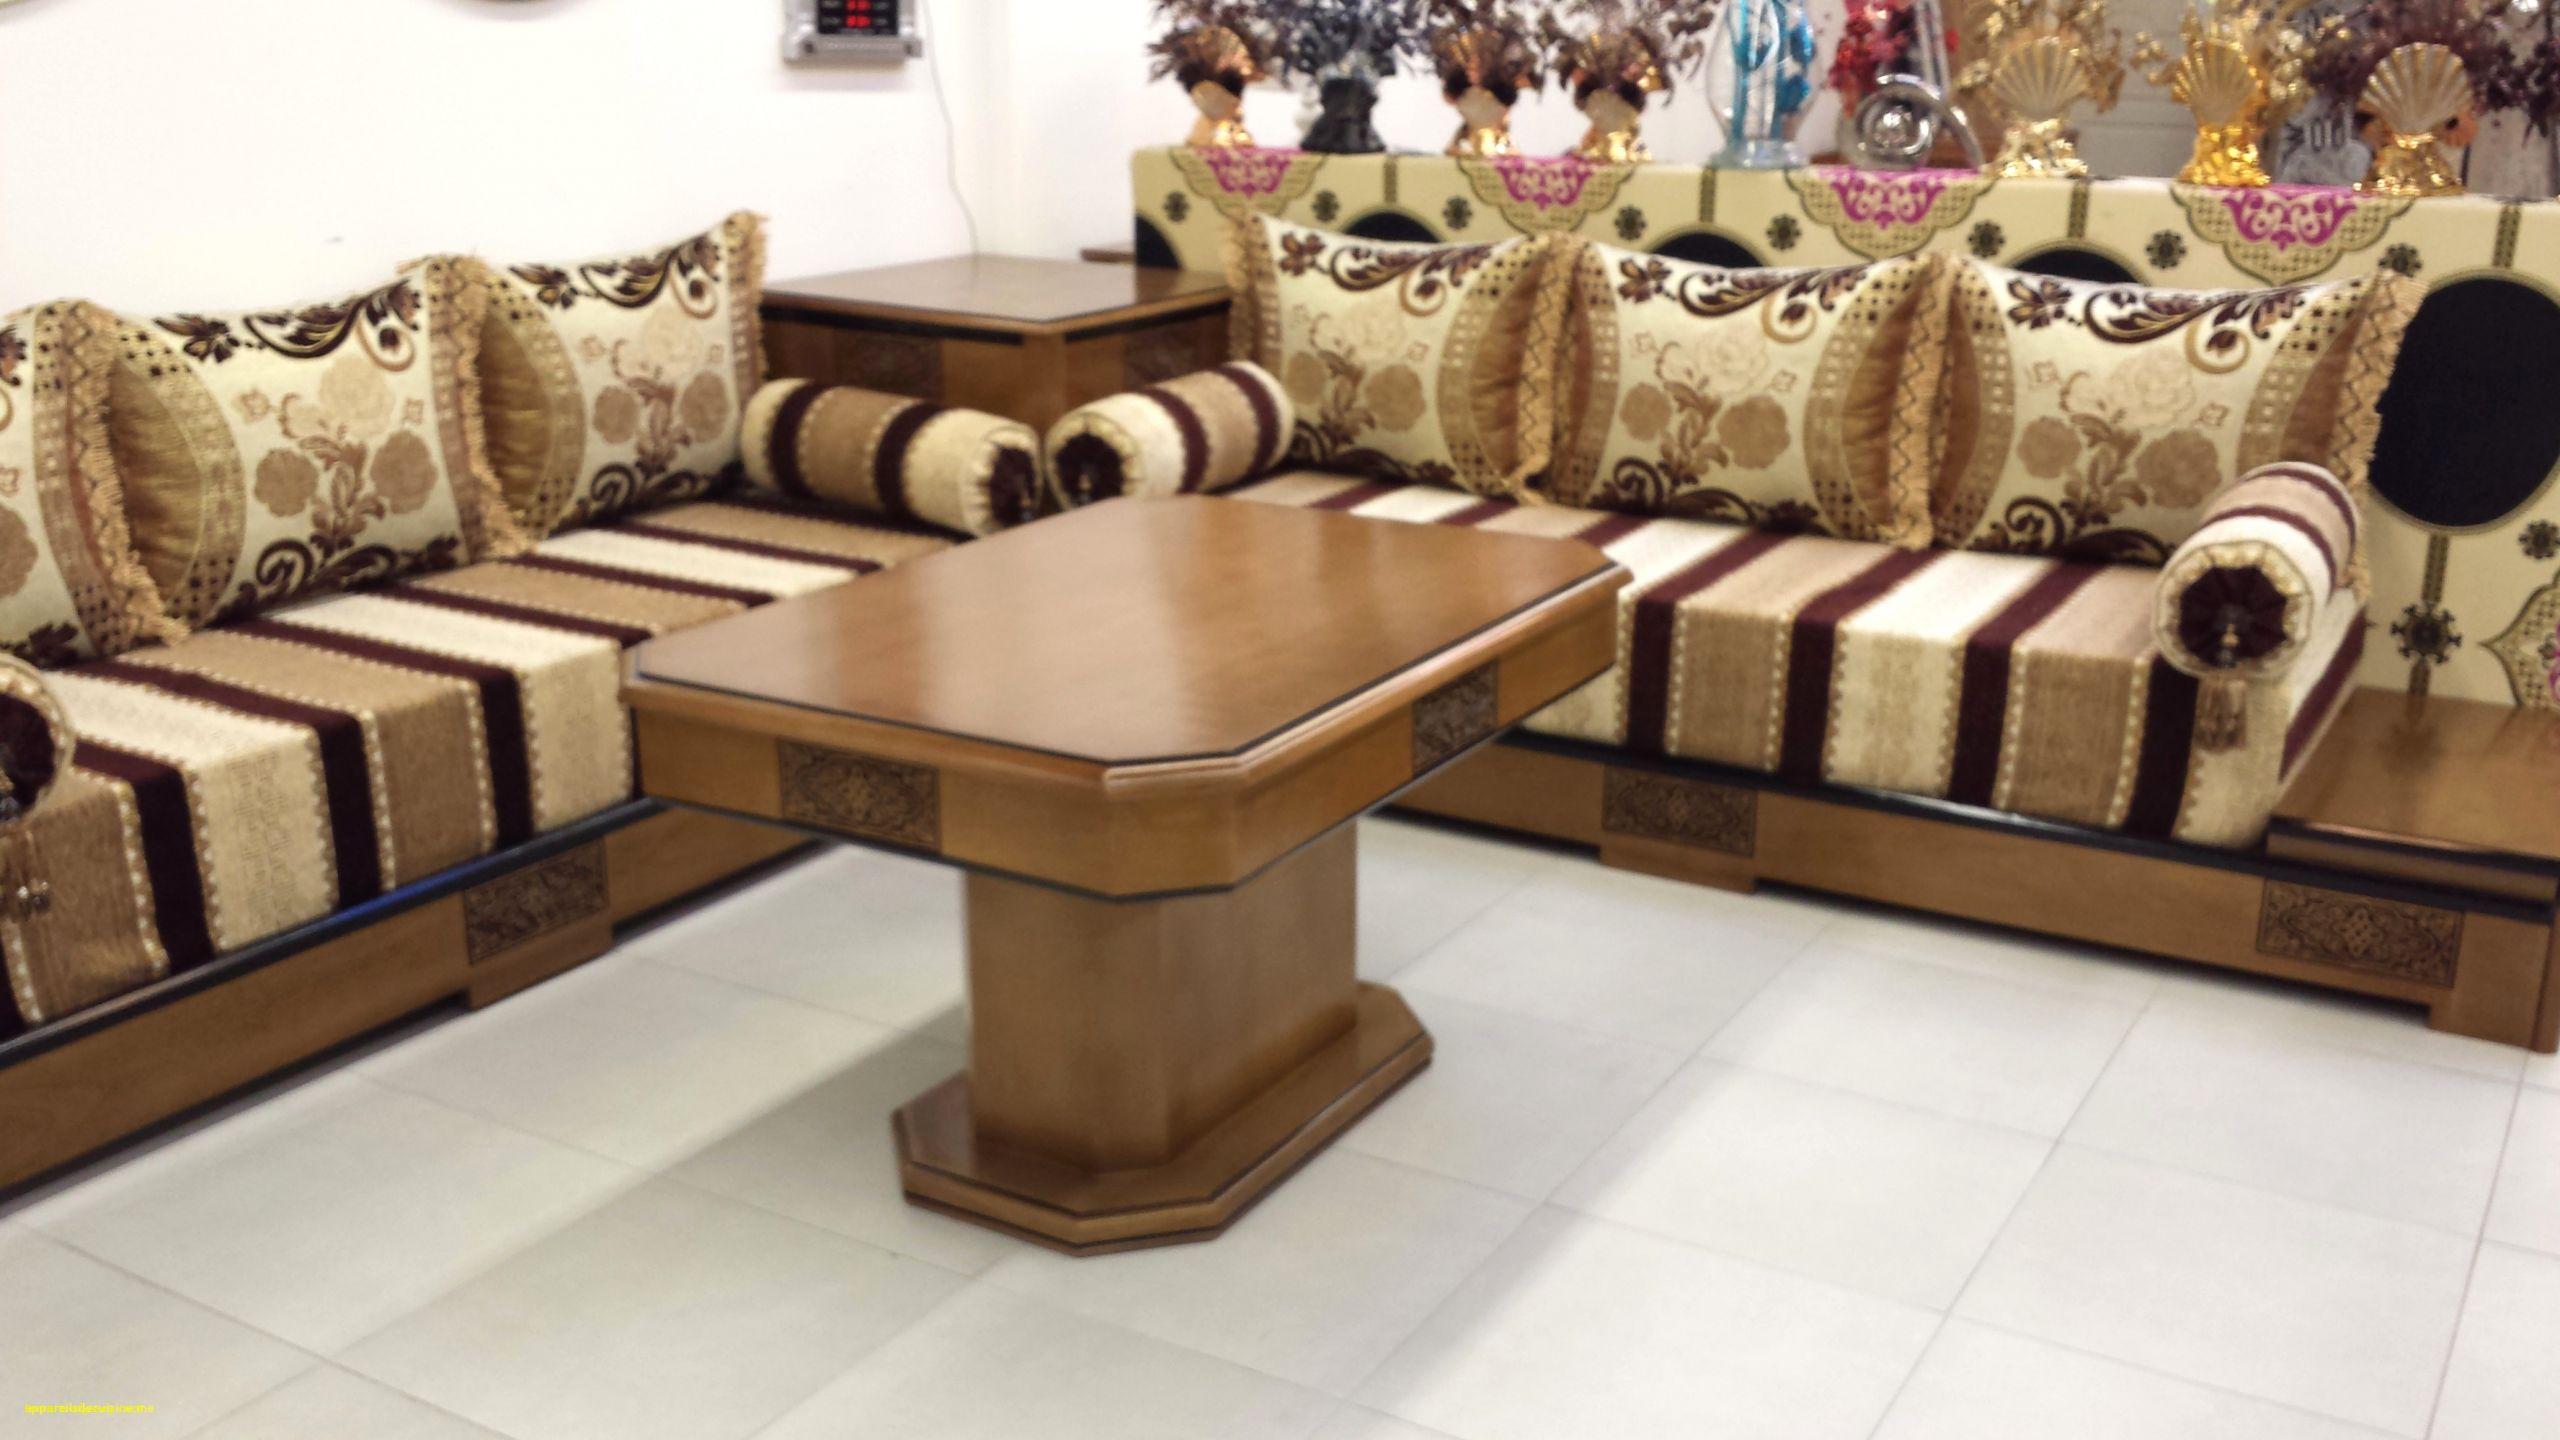 magasin meuble design magasin meuble design lyon magasin meubles lyon belle meuble of magasin meuble design